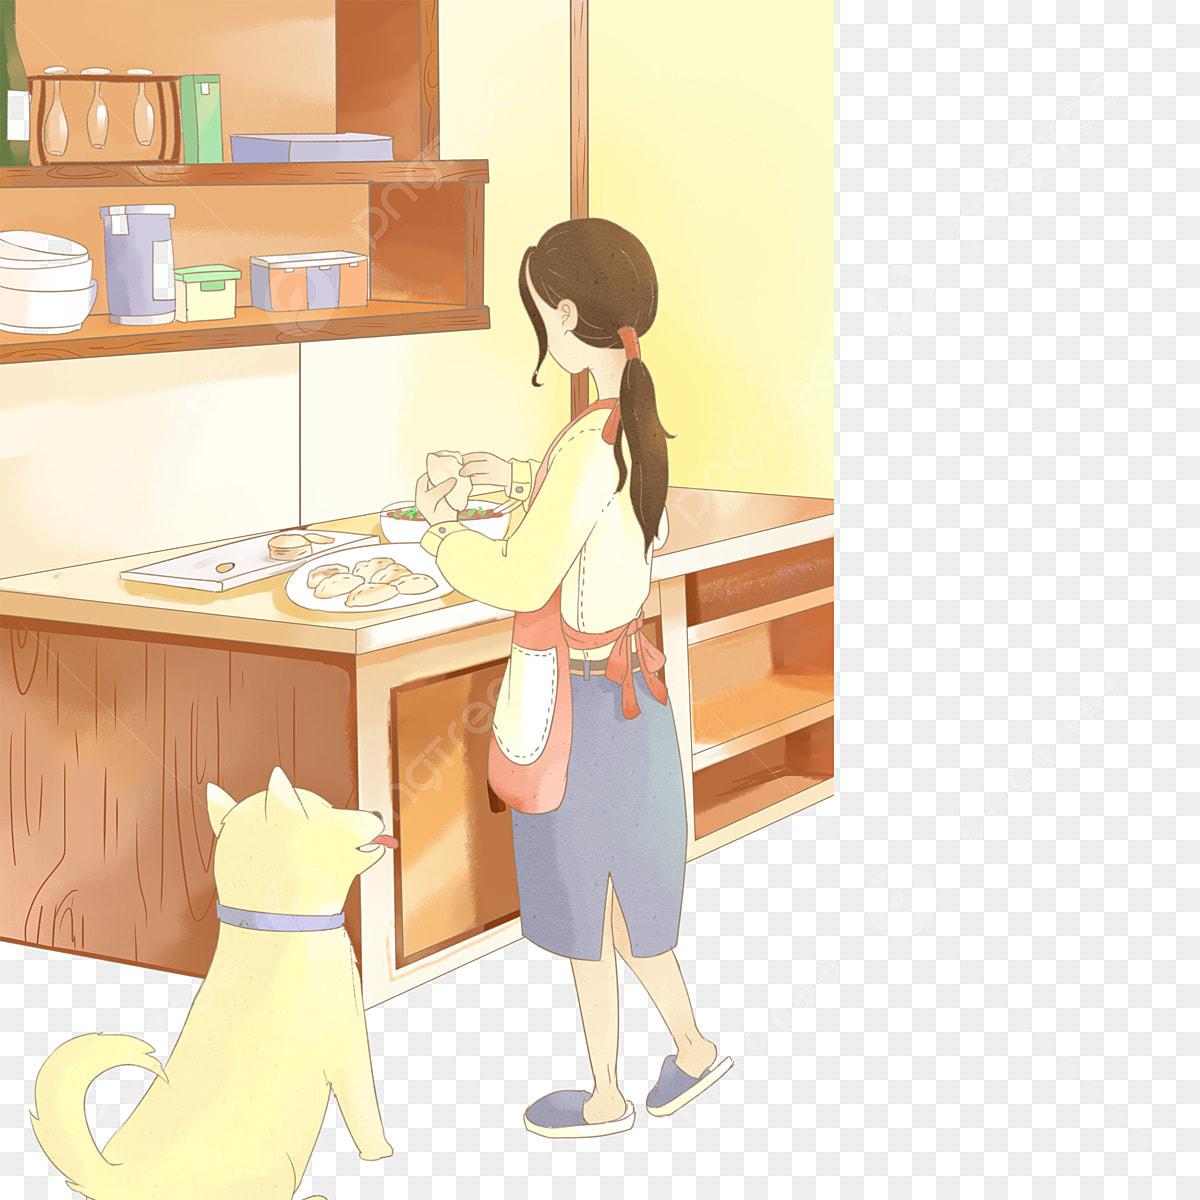 Gambar Gadis Sibuk Di Dapur Dan Bersama Anjing Memasak Di Dapur Kanak Kanak Perempuan Sibuk Di Dapur Dan Bersama Sama Dengan Anjing Png Dan Psd Untuk Muat Turun Percuma